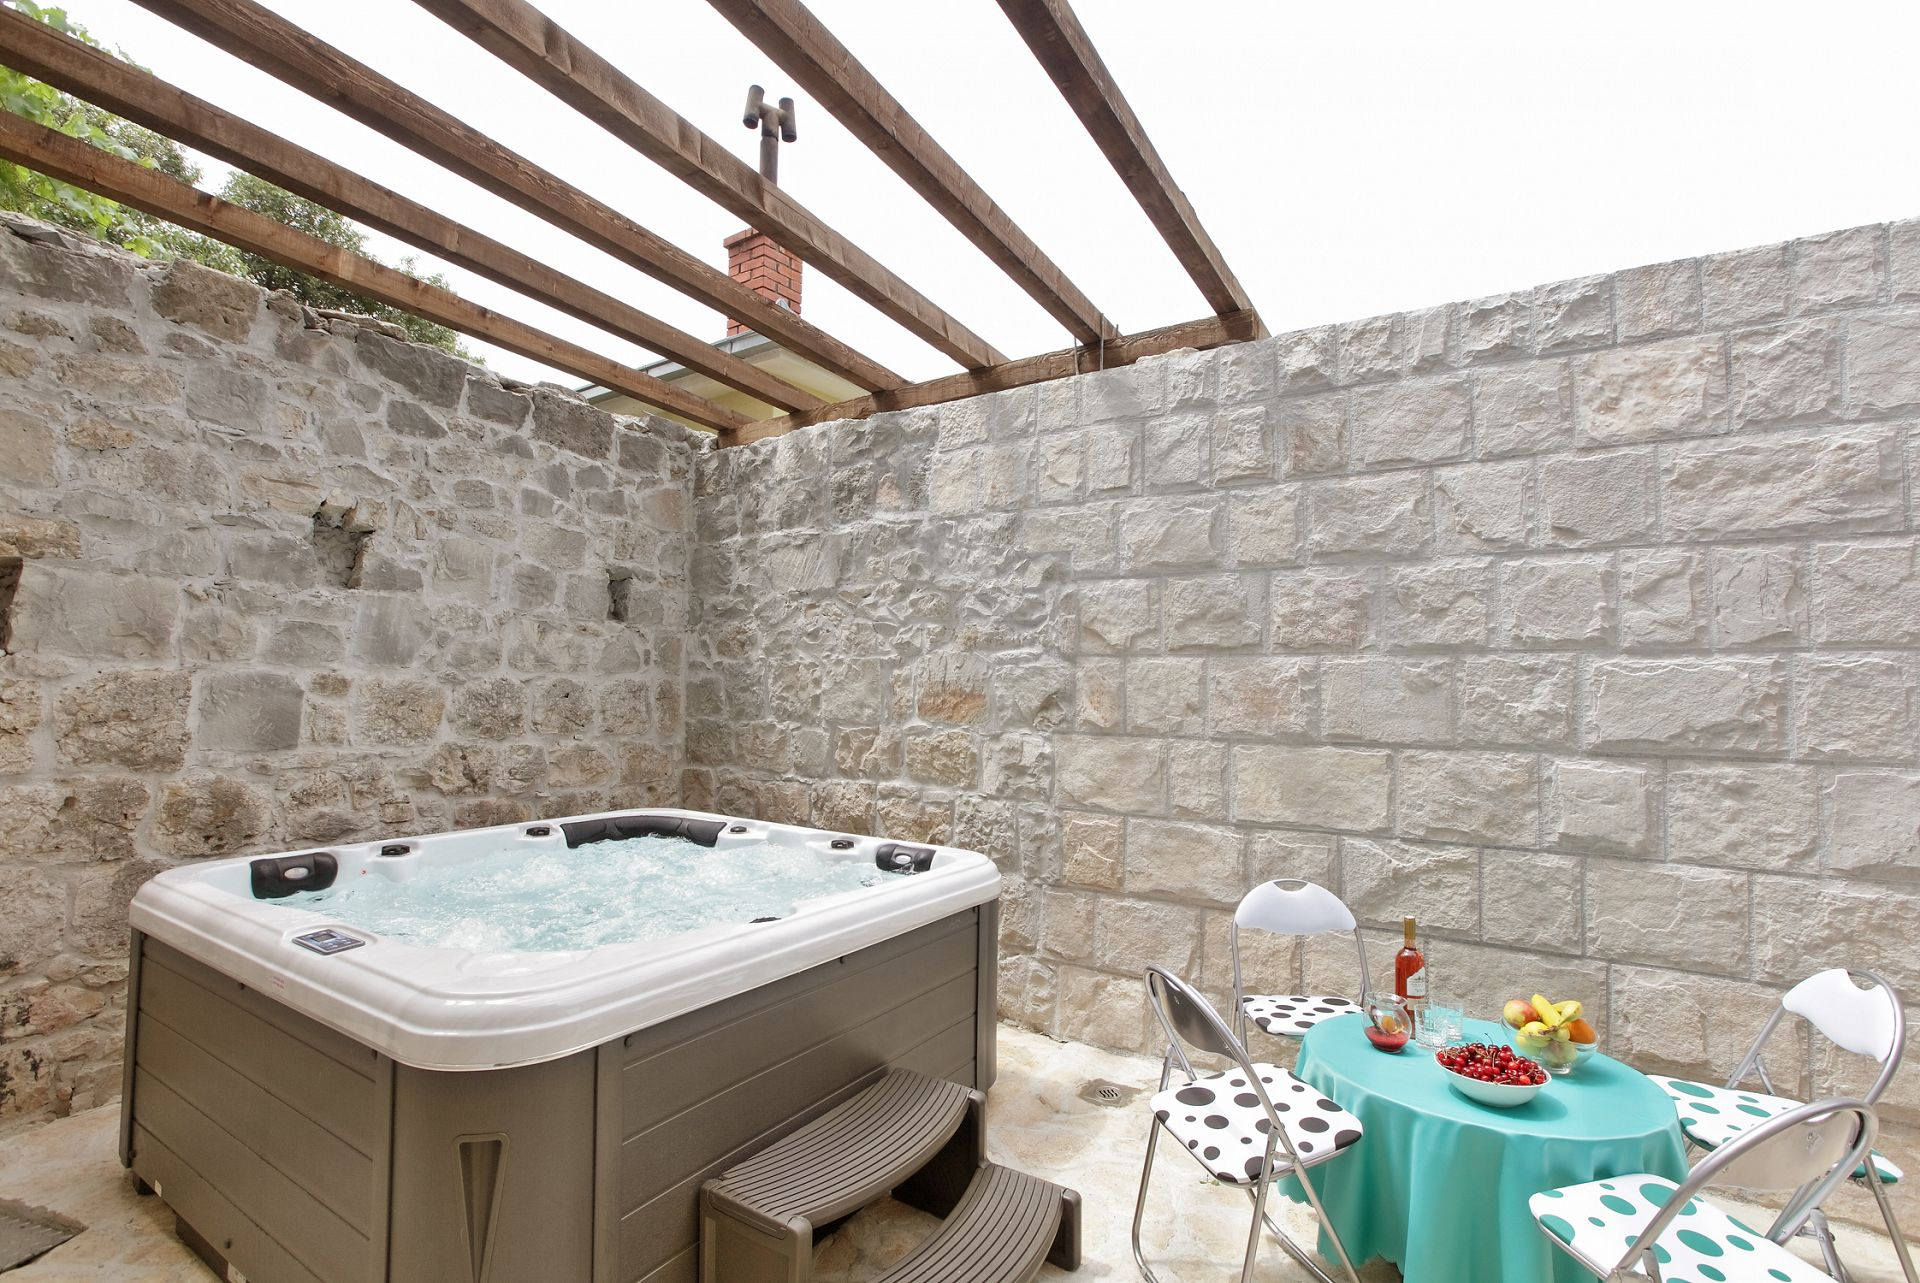 DP - Solin - Vakantiehuizen, villa´s Kroatië